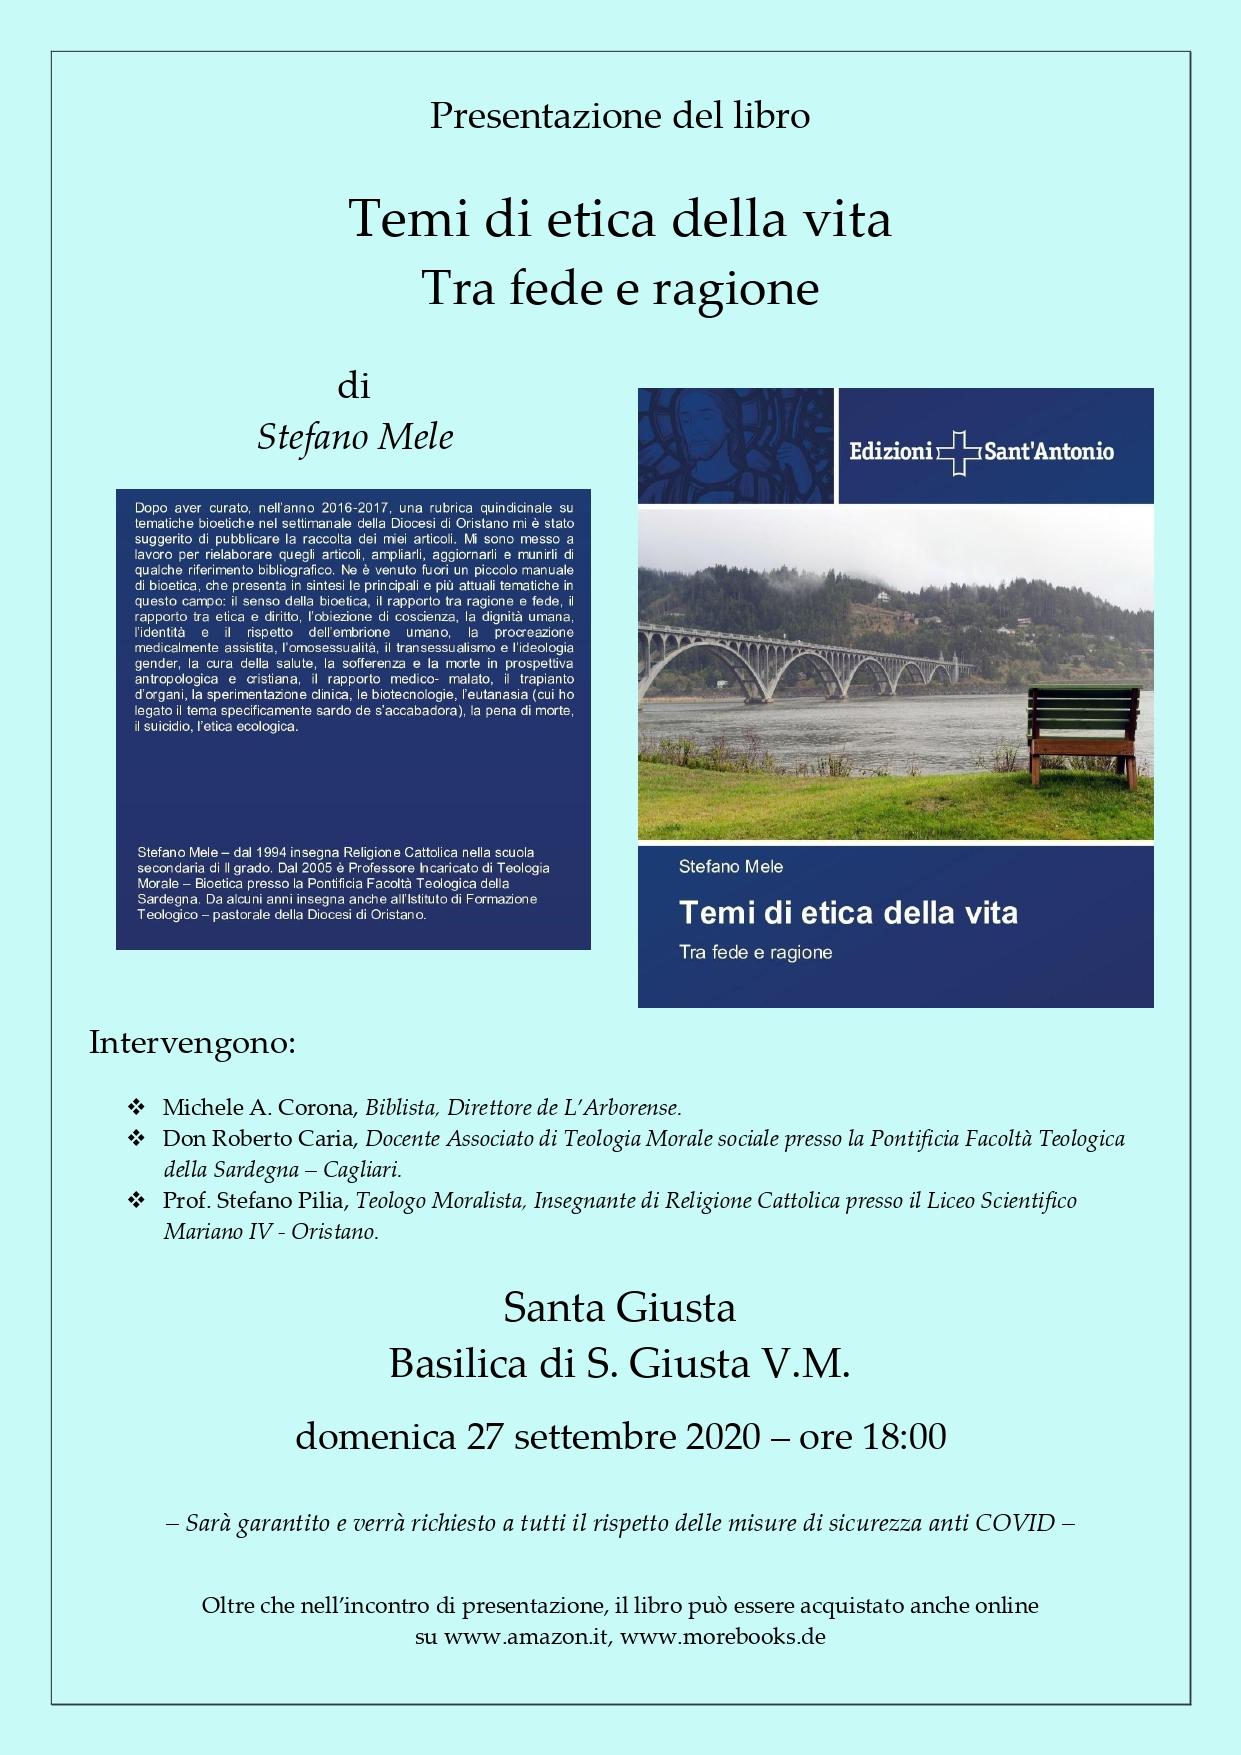 Presentazione del libro - S. Giusta (27-9-2020)